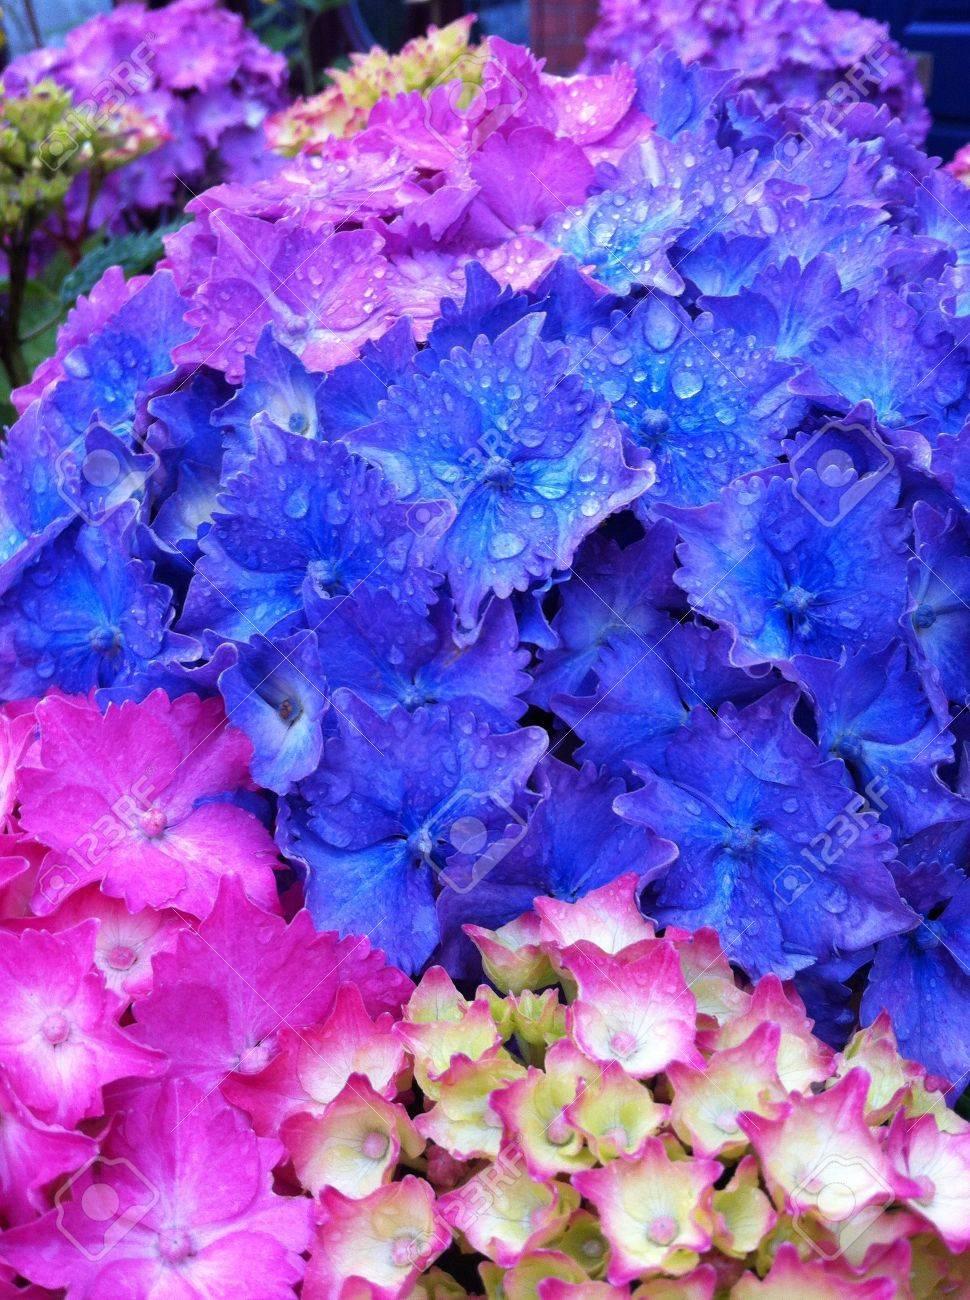 azul prpura y flores de color rosa hortensias despus de una lluvia de verano foto de